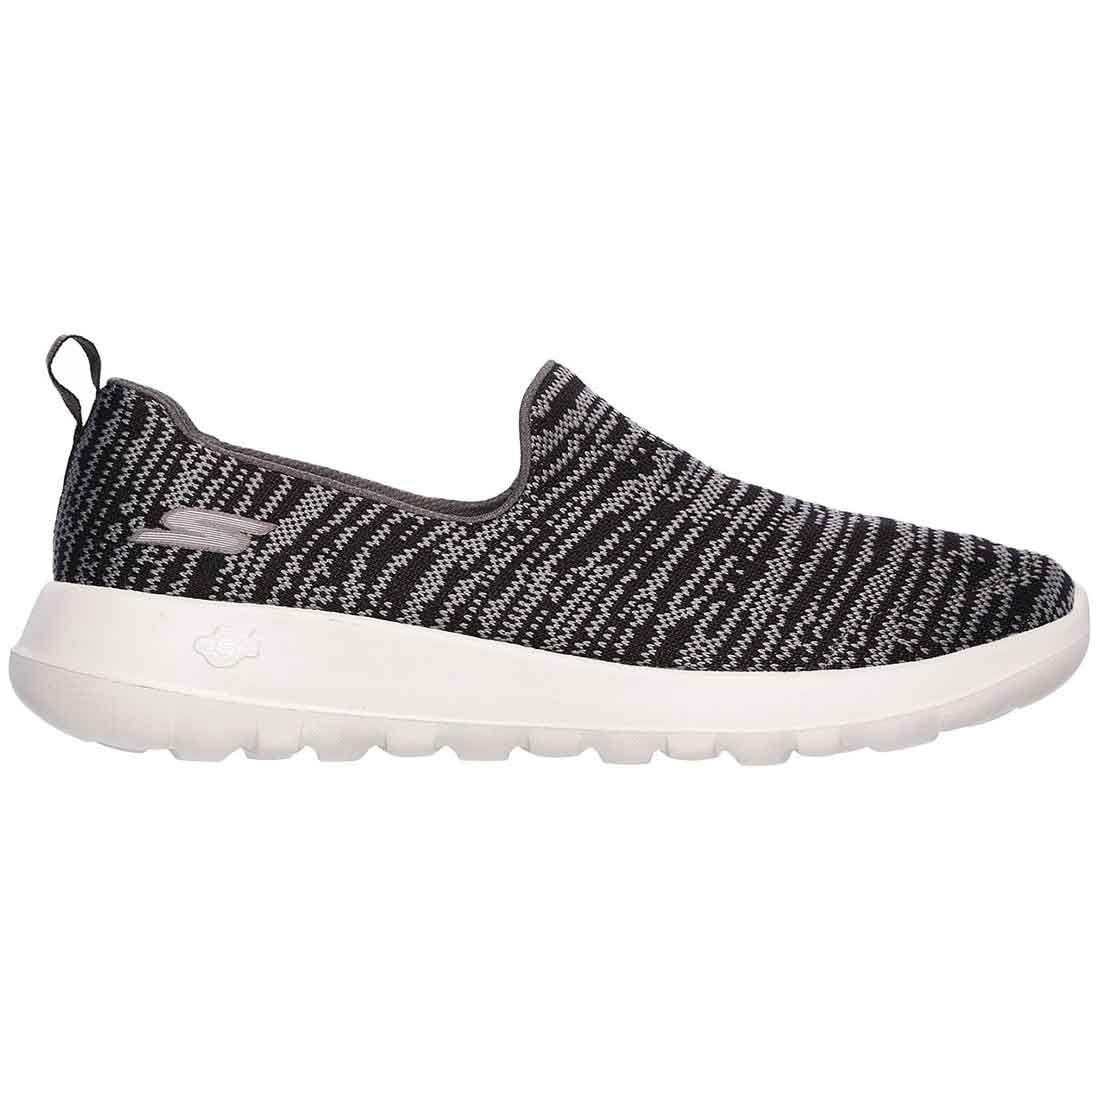 Escarchado reflujo desesperación  Buy Skechers GOwalk Max Infinite Shoes Charcoal/Black | Golf Discount